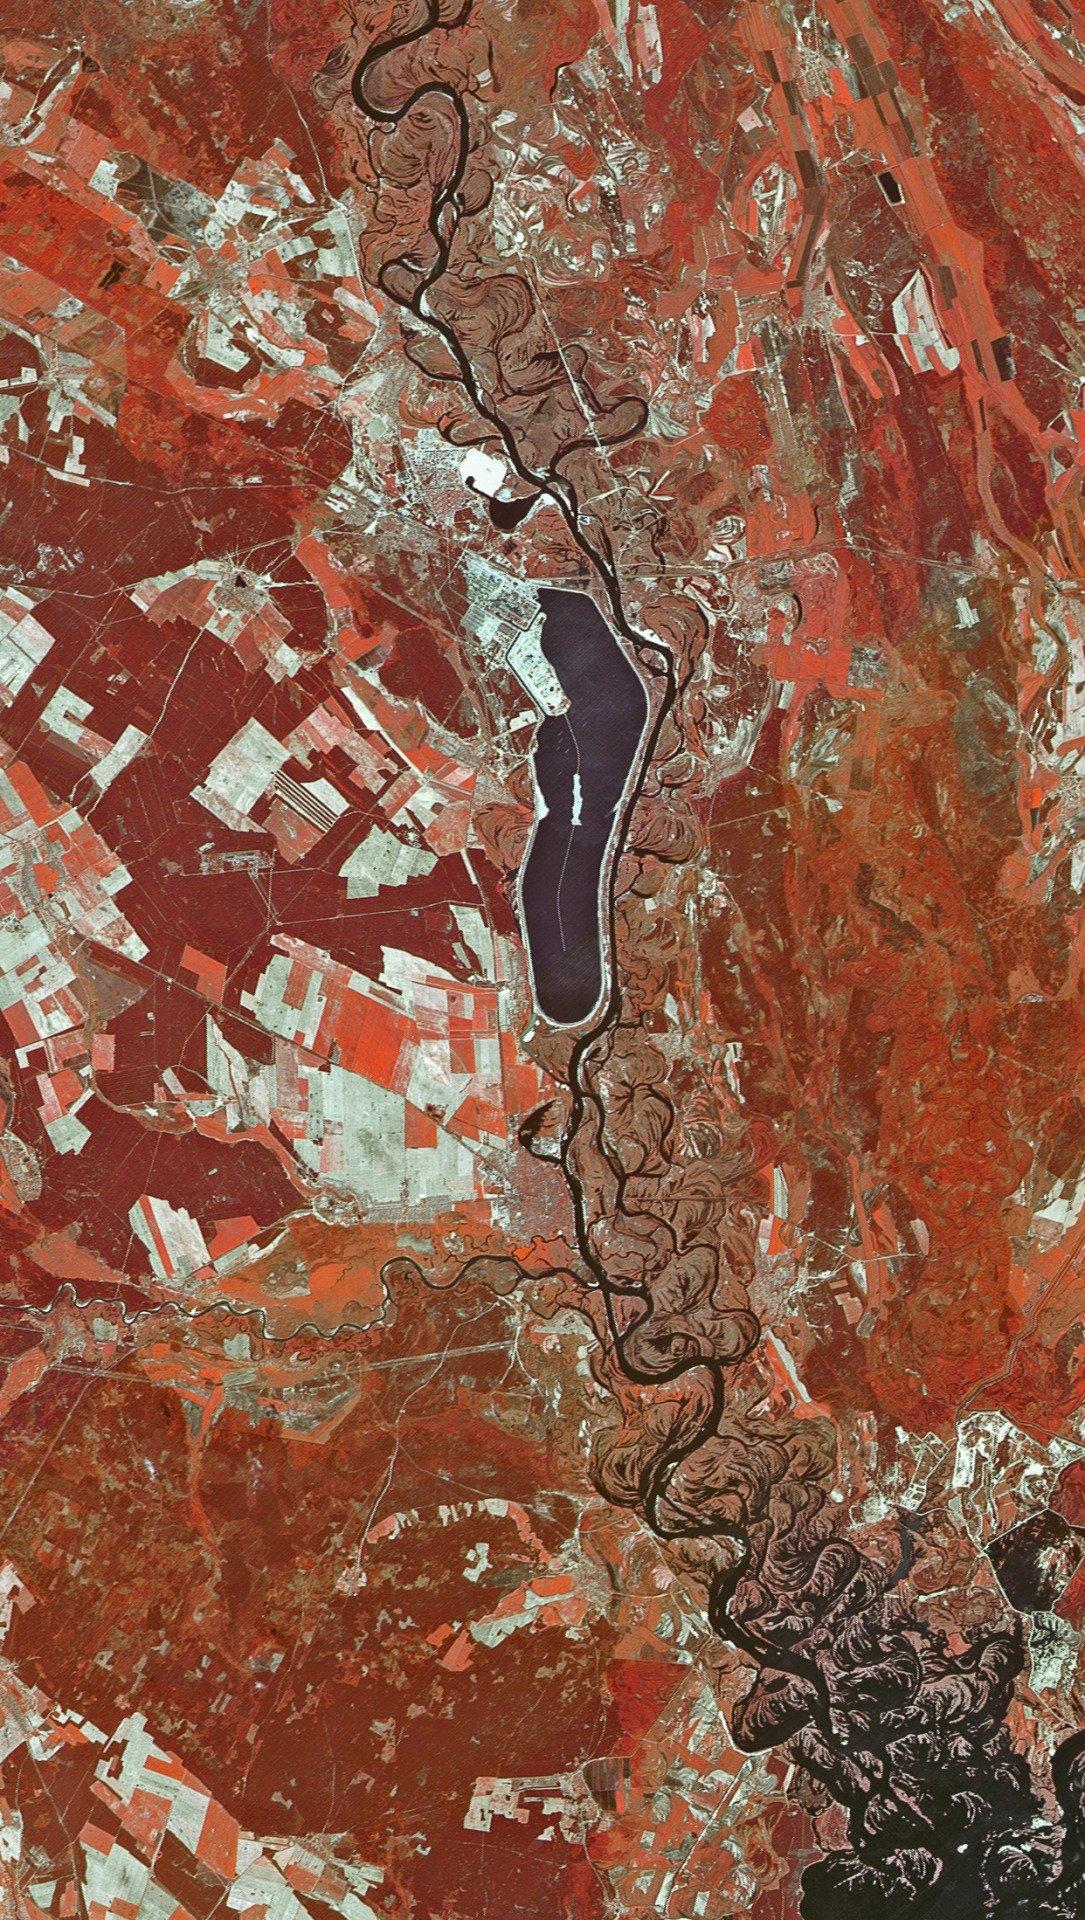 Фотографии Земли в качестве обоев для телефона - Изображение 3